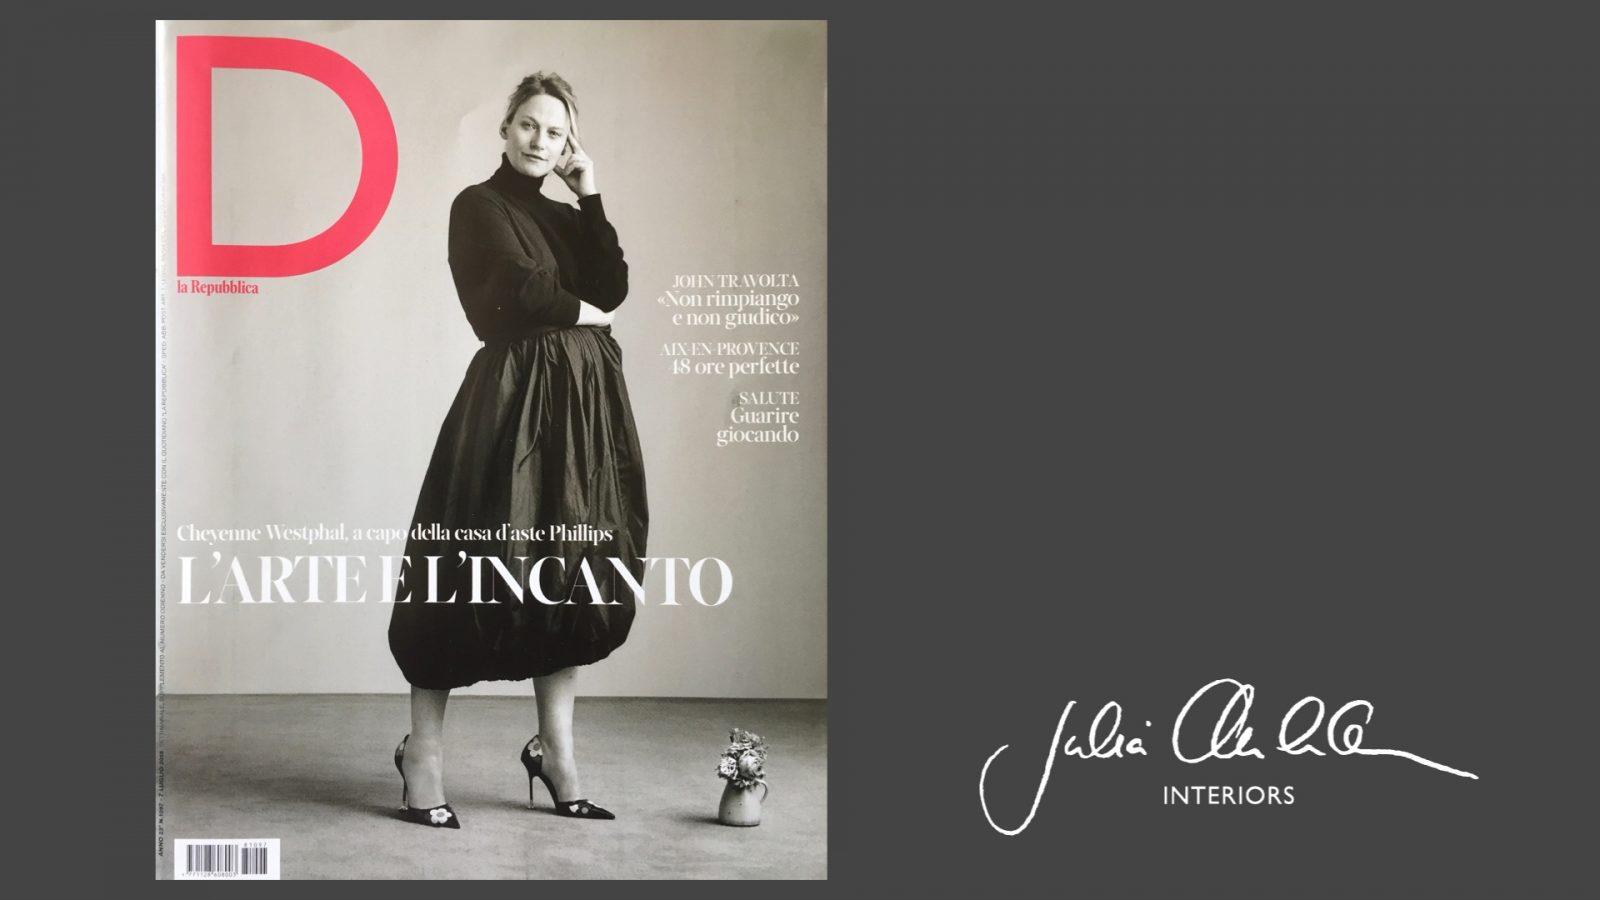 Julia Aulenbacher - Interiors +++ d la republica italia